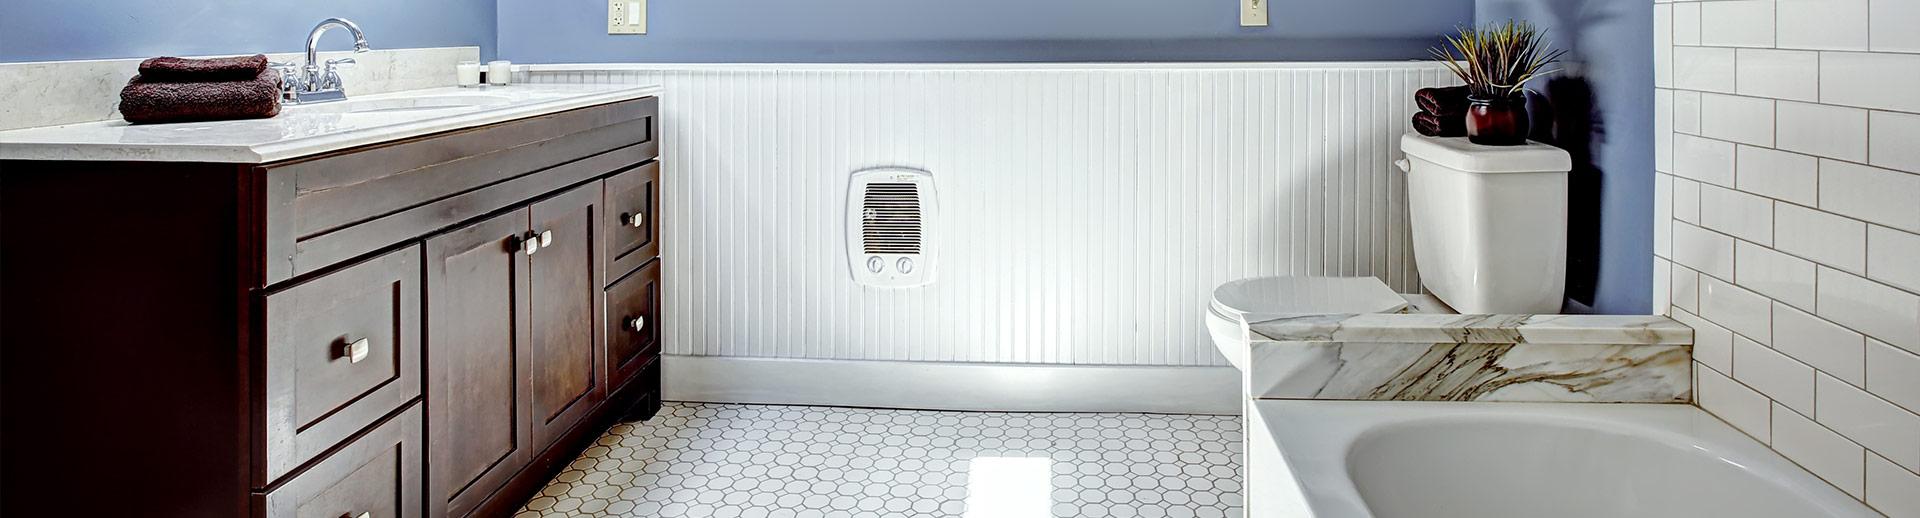 łazienka W Stylu Prowansalskim Pomysł Na Niepowtarzalny